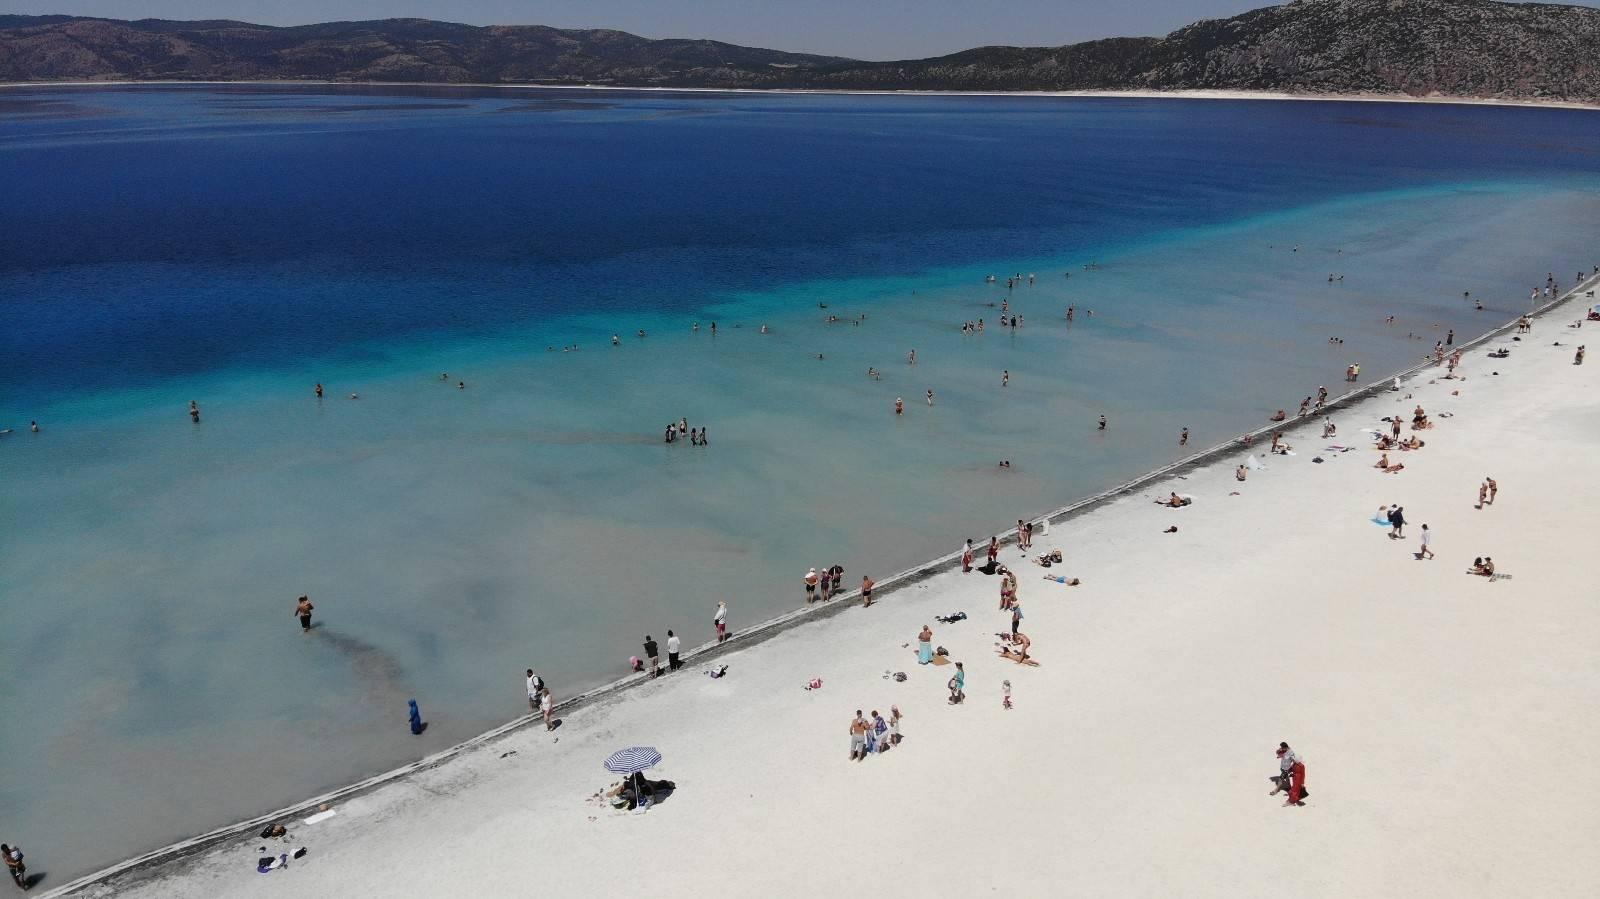 Tatilde Salda Gölü'ne turist akını yaşandı